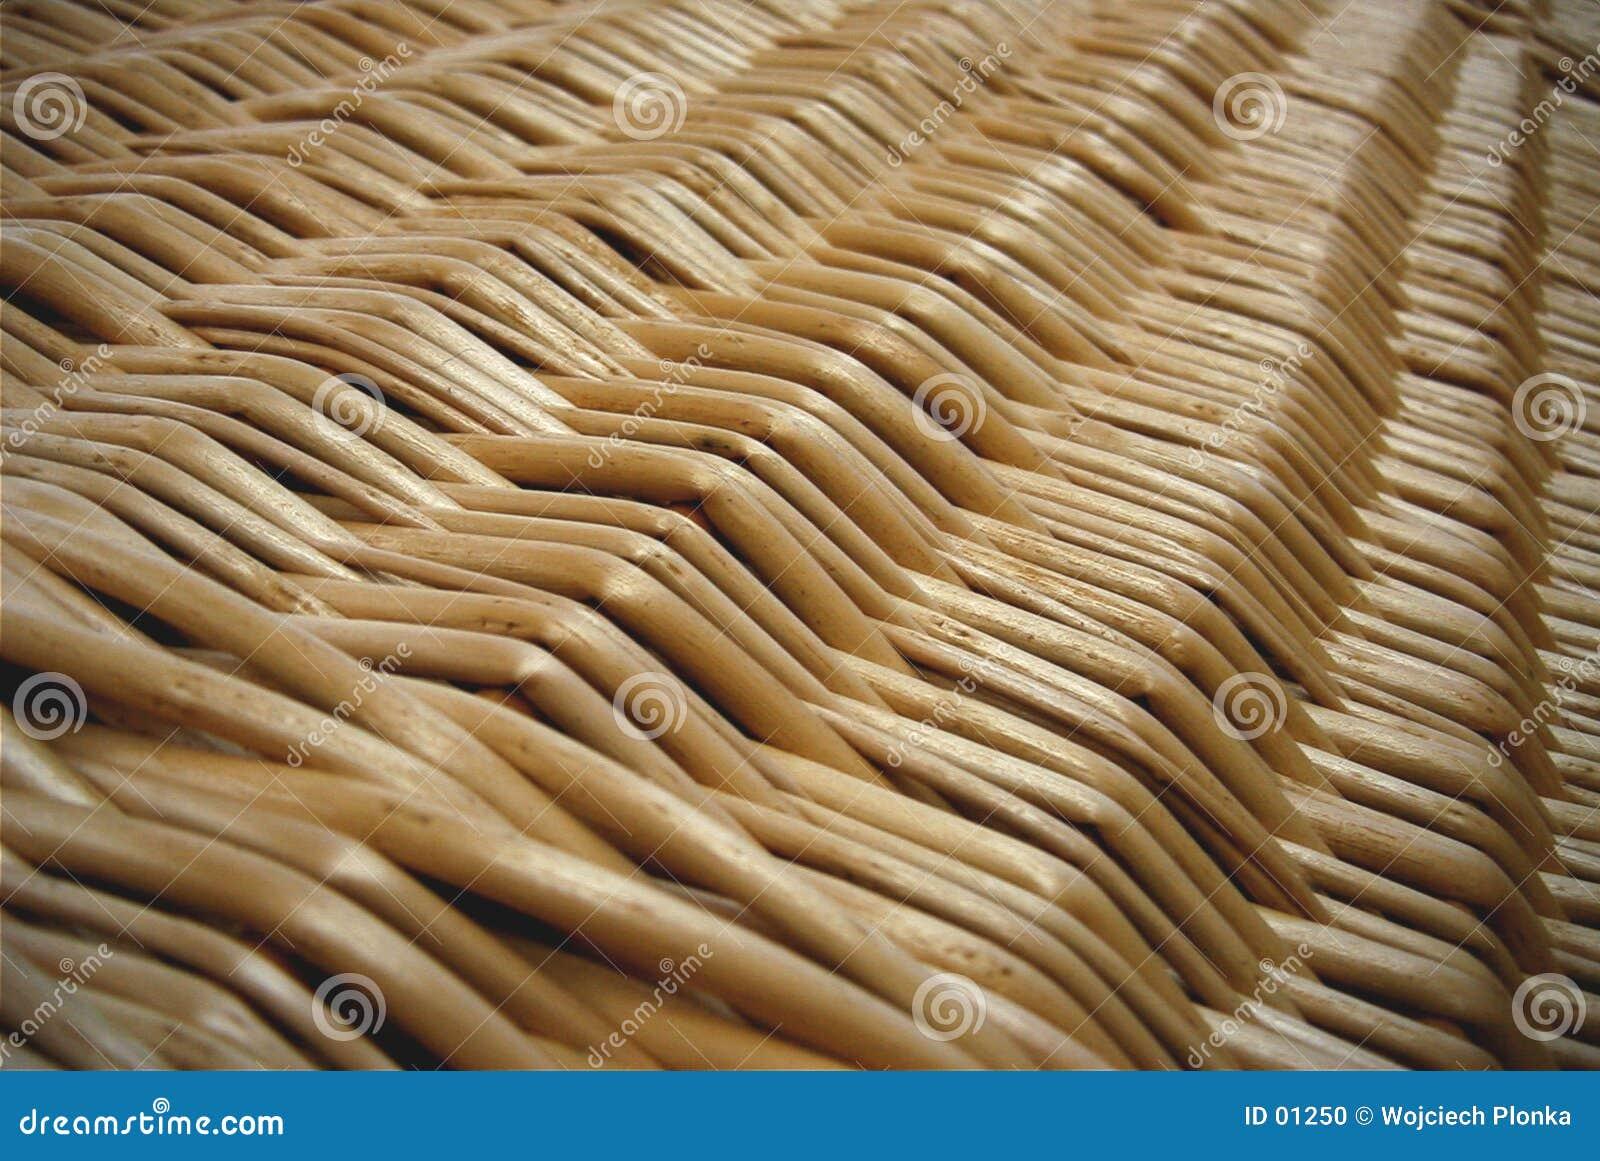 De textuur van de mand